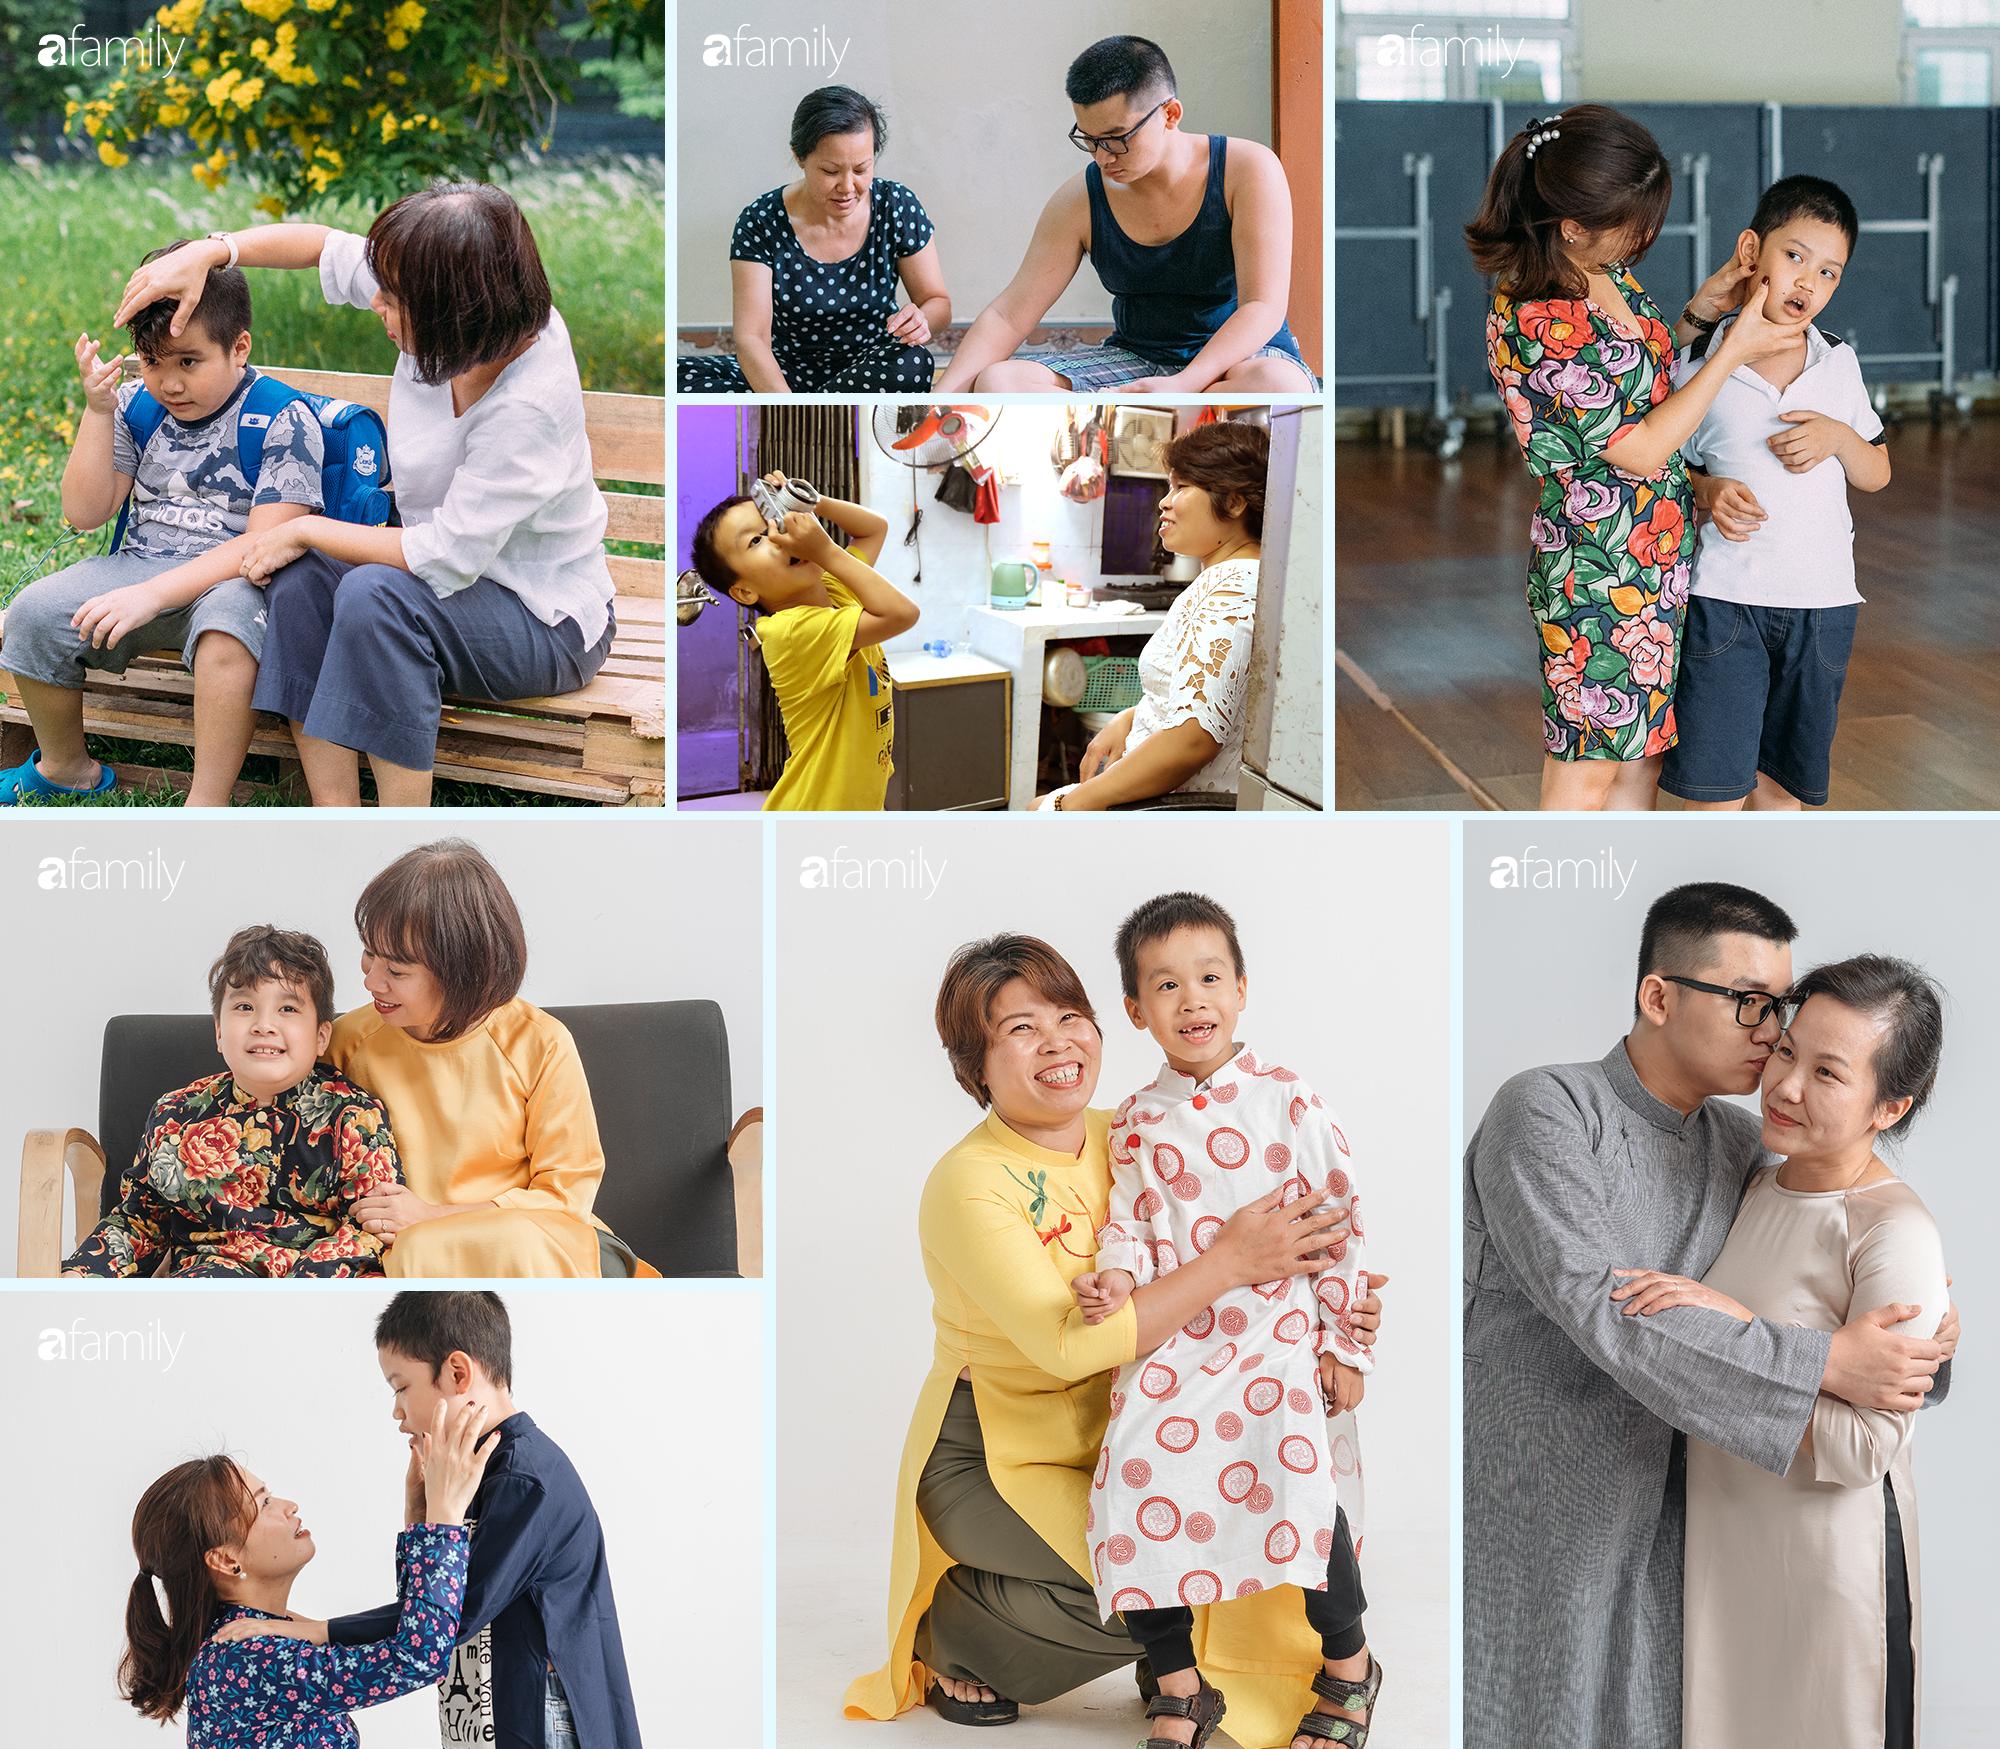 Hành trình của mẹ có con tự kỷ: Trong mắt mẹ, con luôn là một đứa trẻ đáng yêu, trong mắt con, mẹ luôn là người tuyệt vời nhất - Ảnh 28.